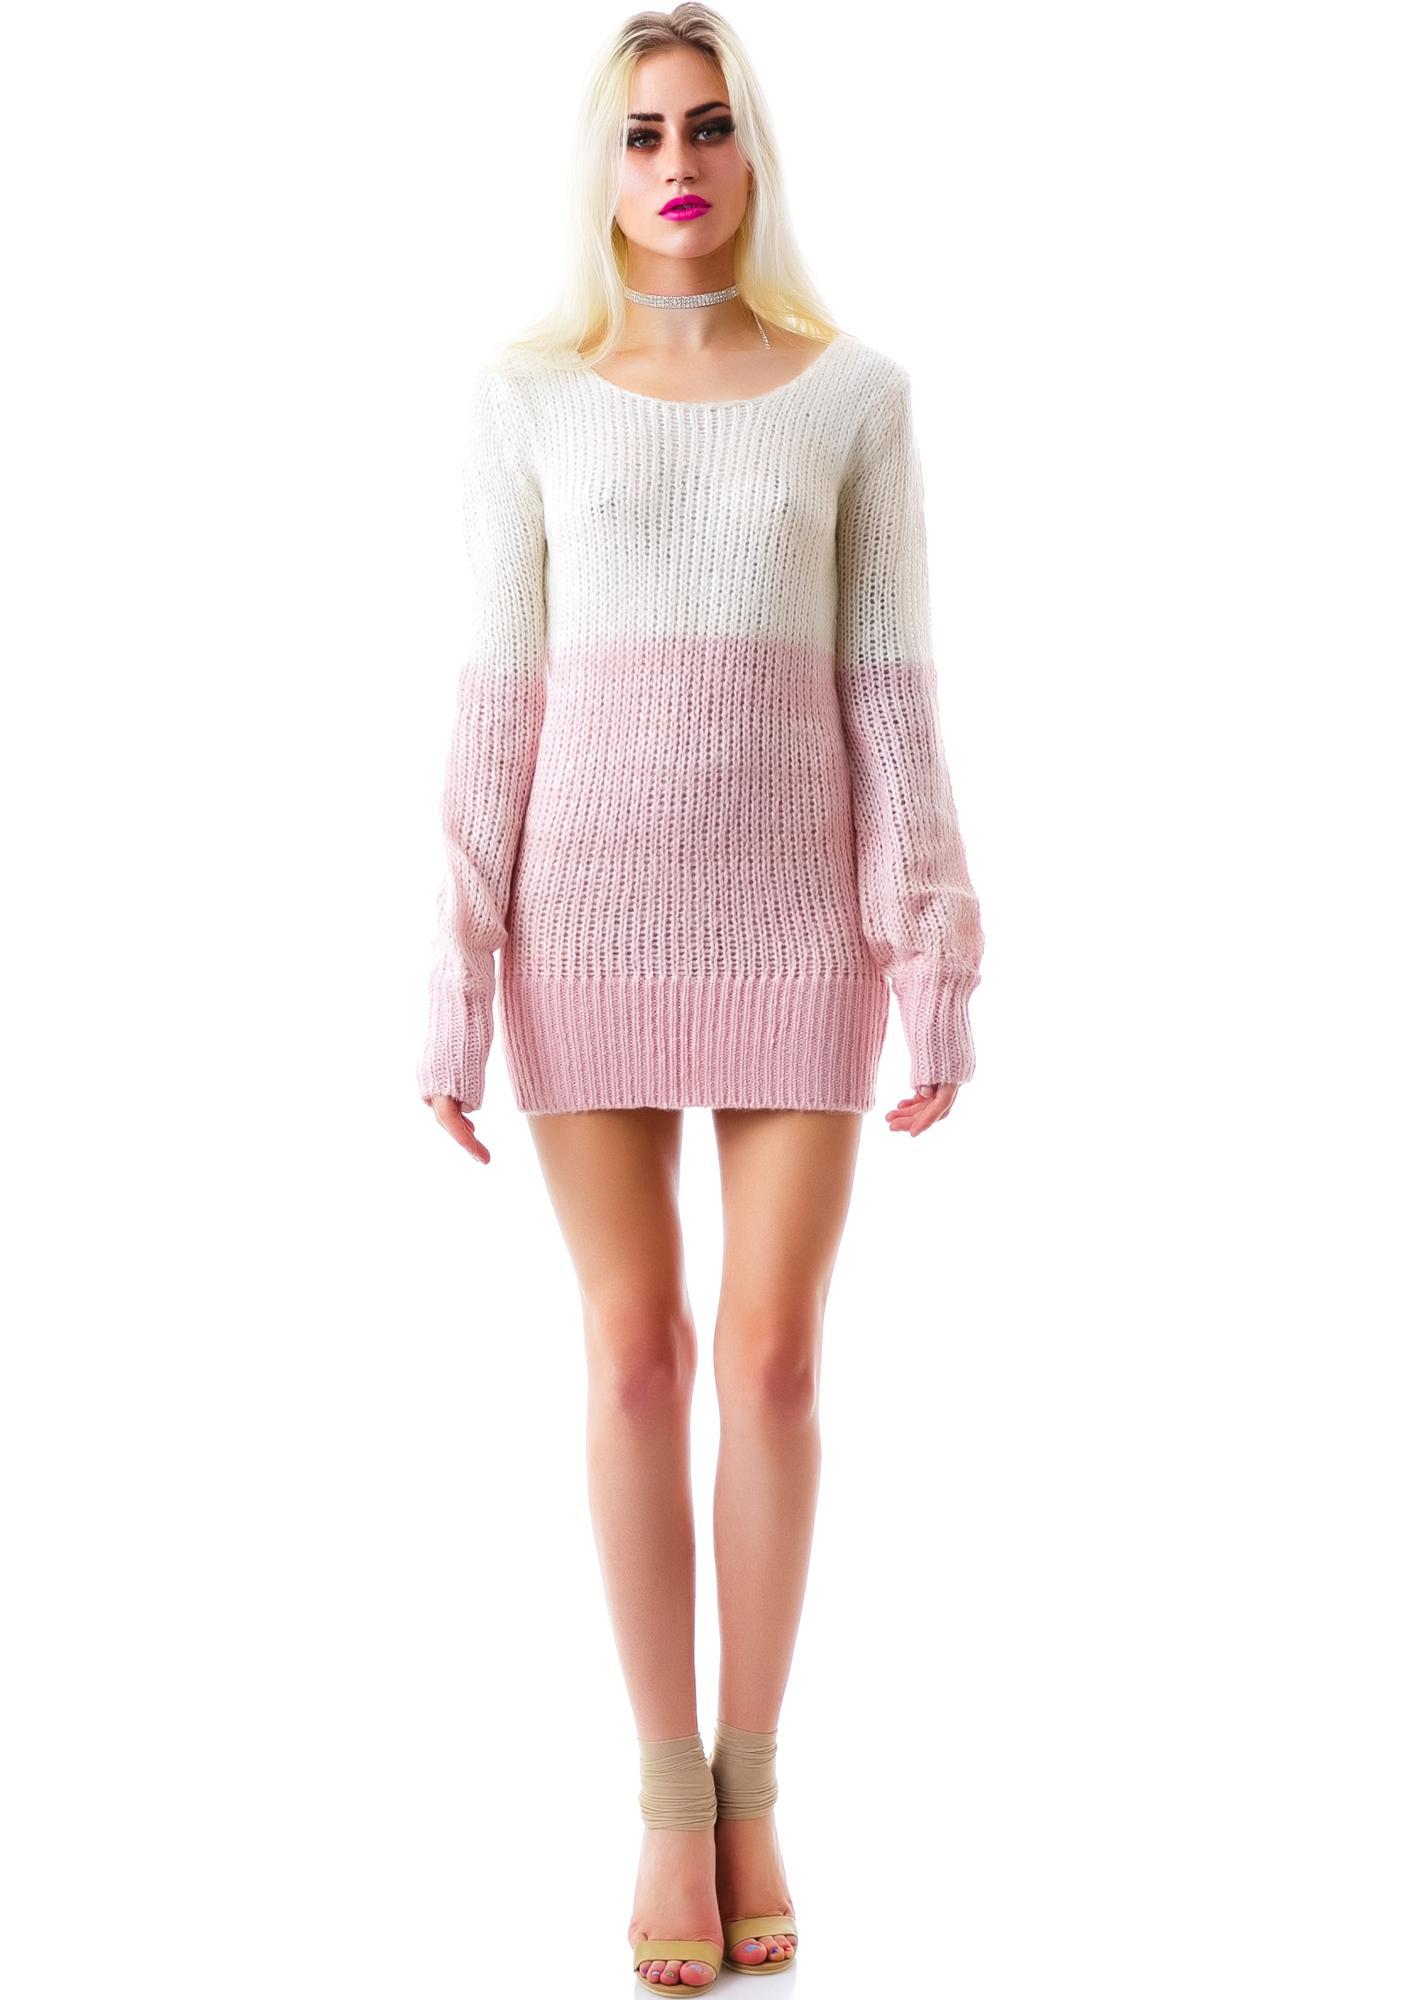 Peaches n' Cream Knit Sweater